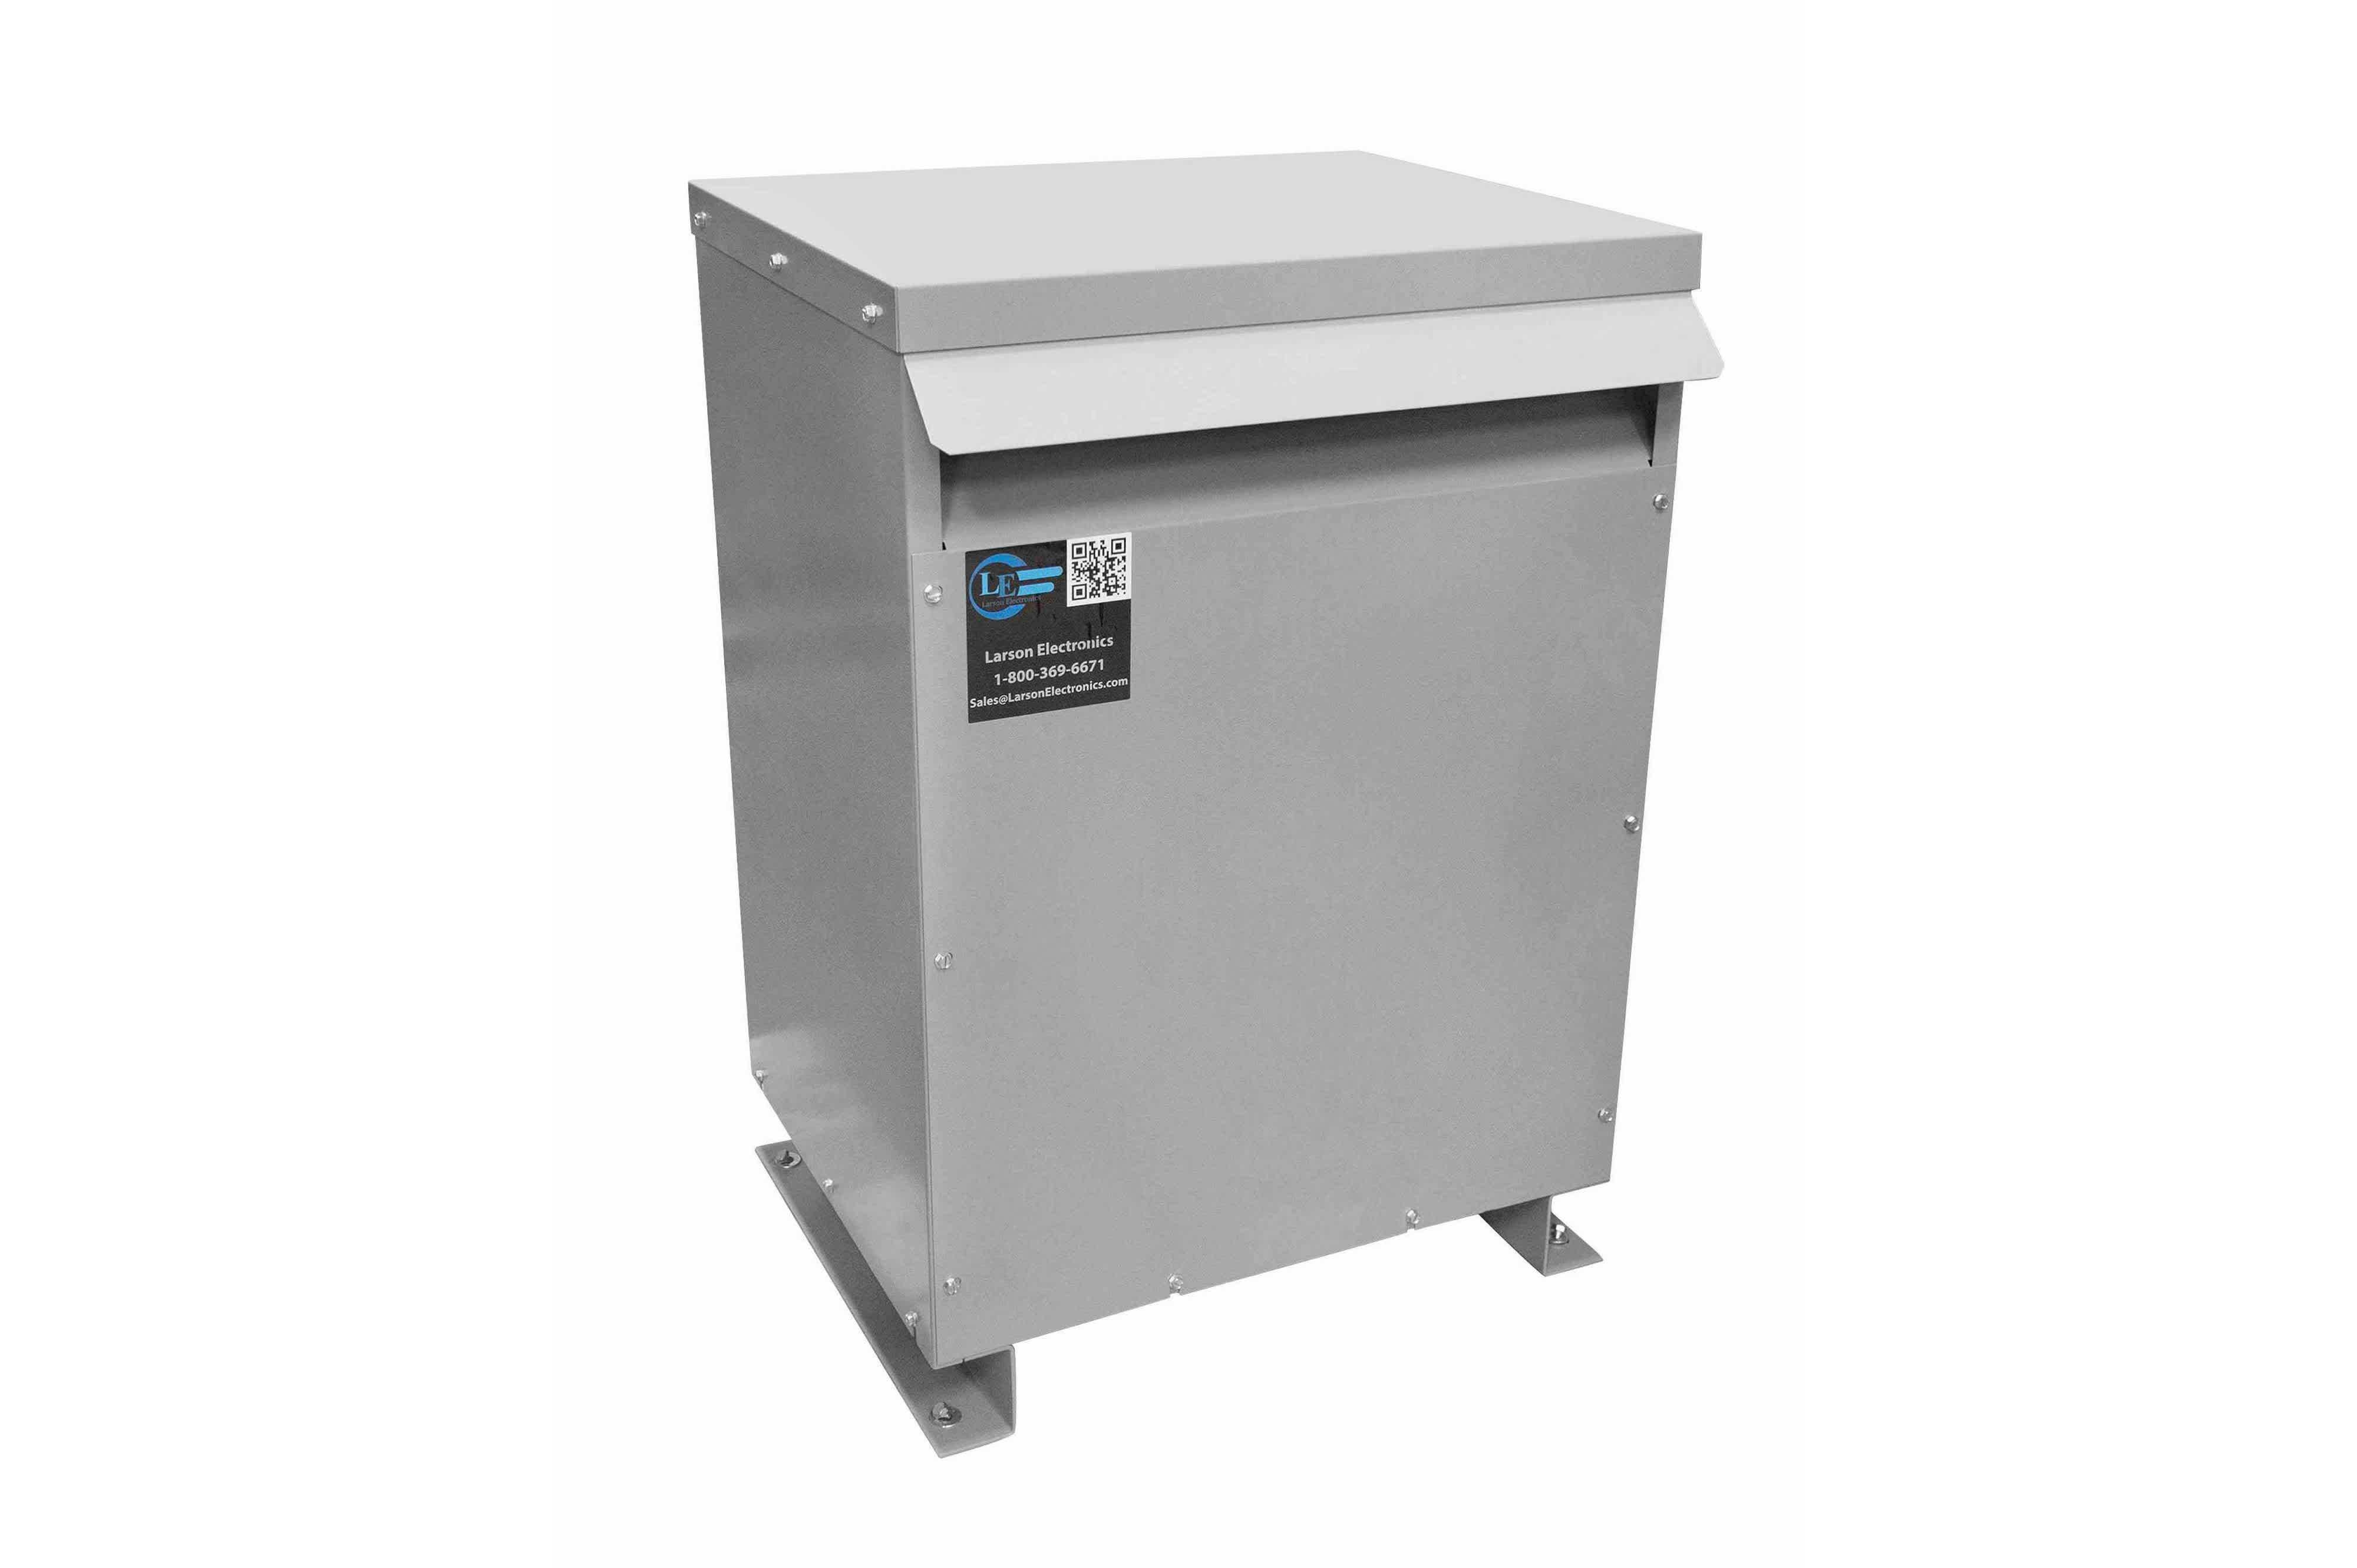 18 kVA 3PH Isolation Transformer, 400V Delta Primary, 240 Delta Secondary, N3R, Ventilated, 60 Hz